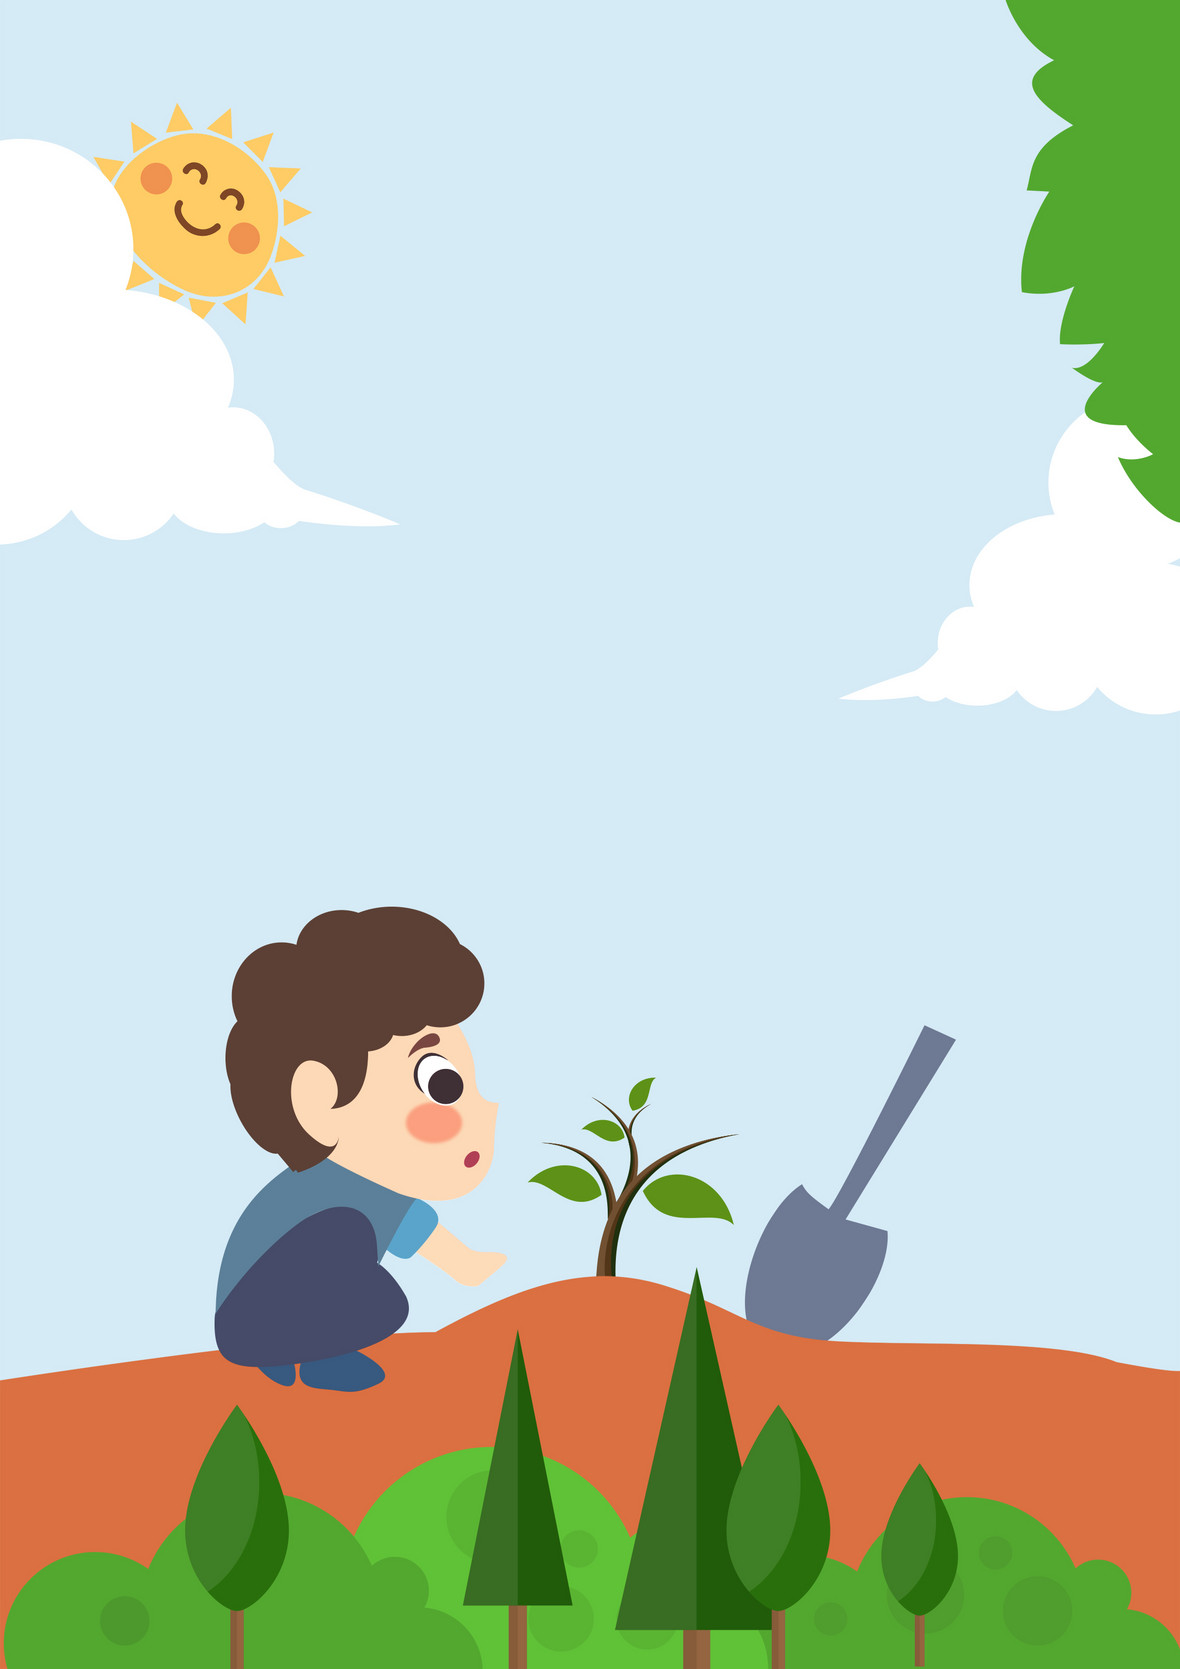 儿童手绘植树节公益宣传背景素材